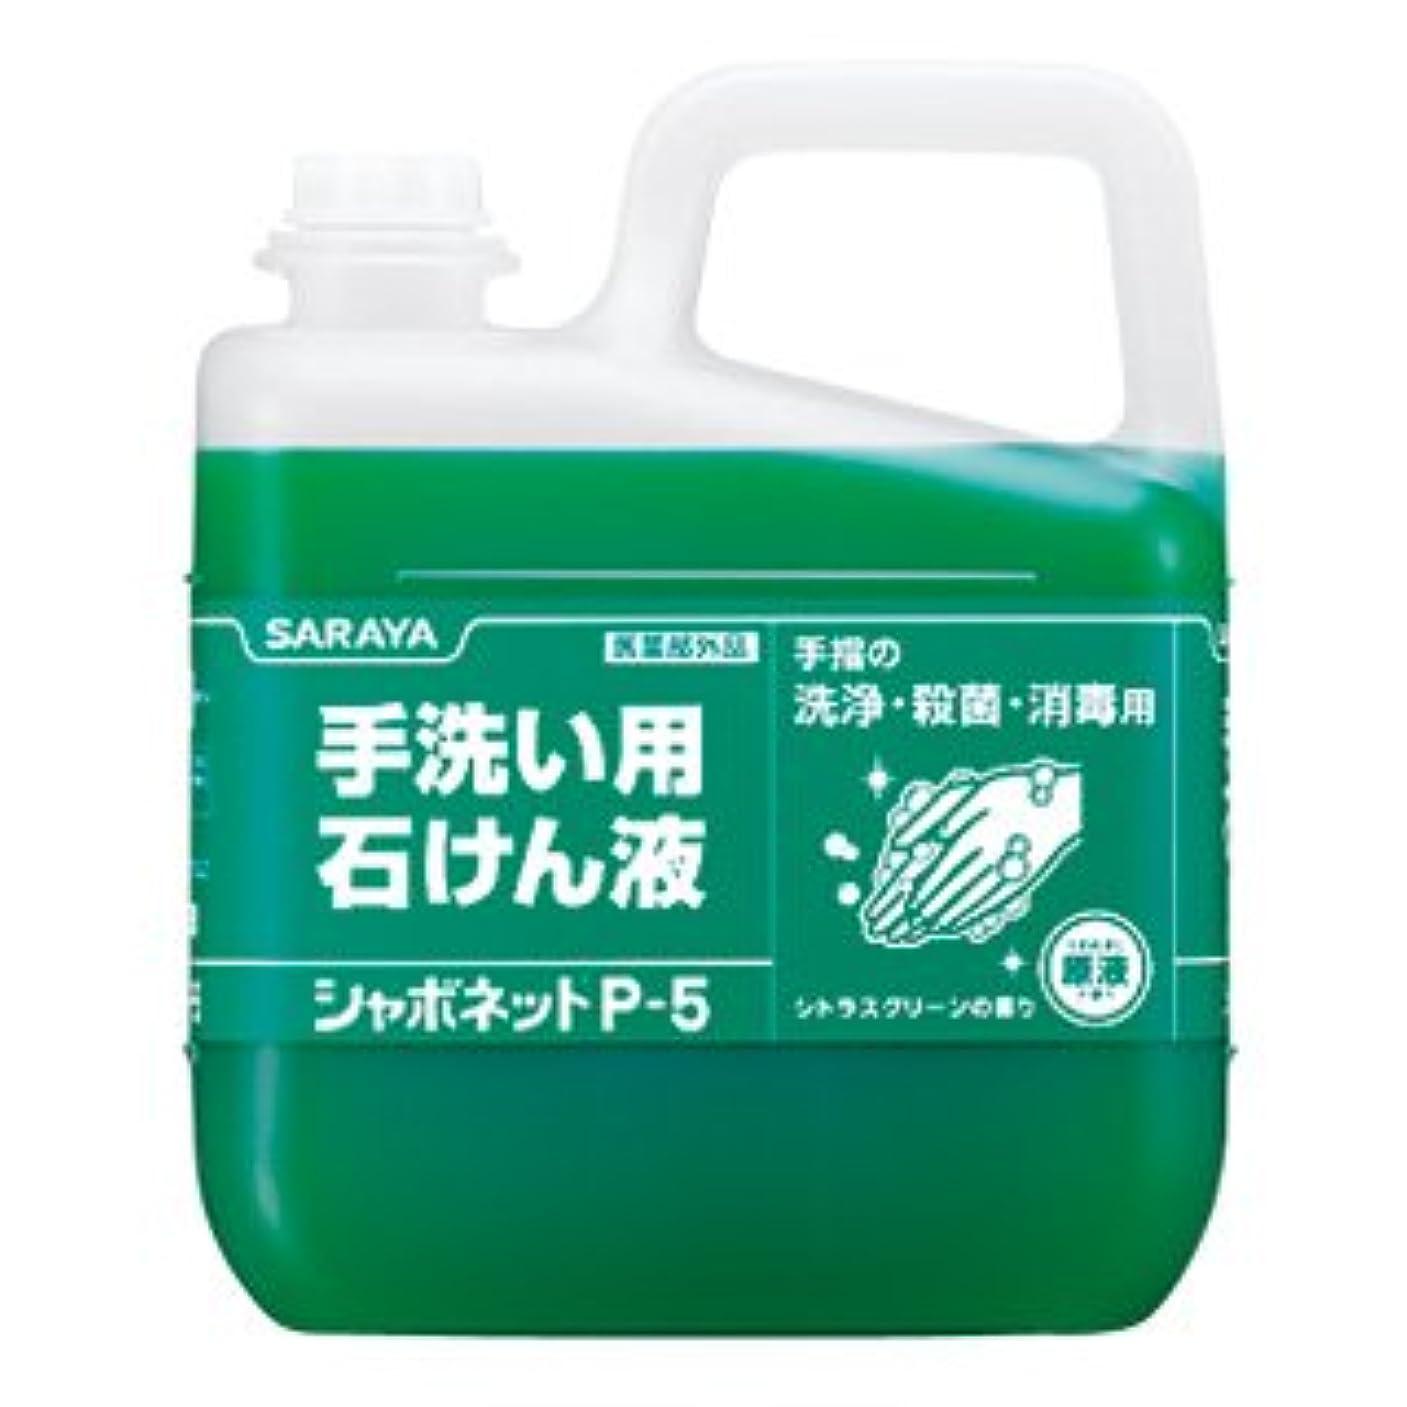 不潔早める却下するサラヤ シャボネット P-5 5kg×3 シトラスグリーンの香り